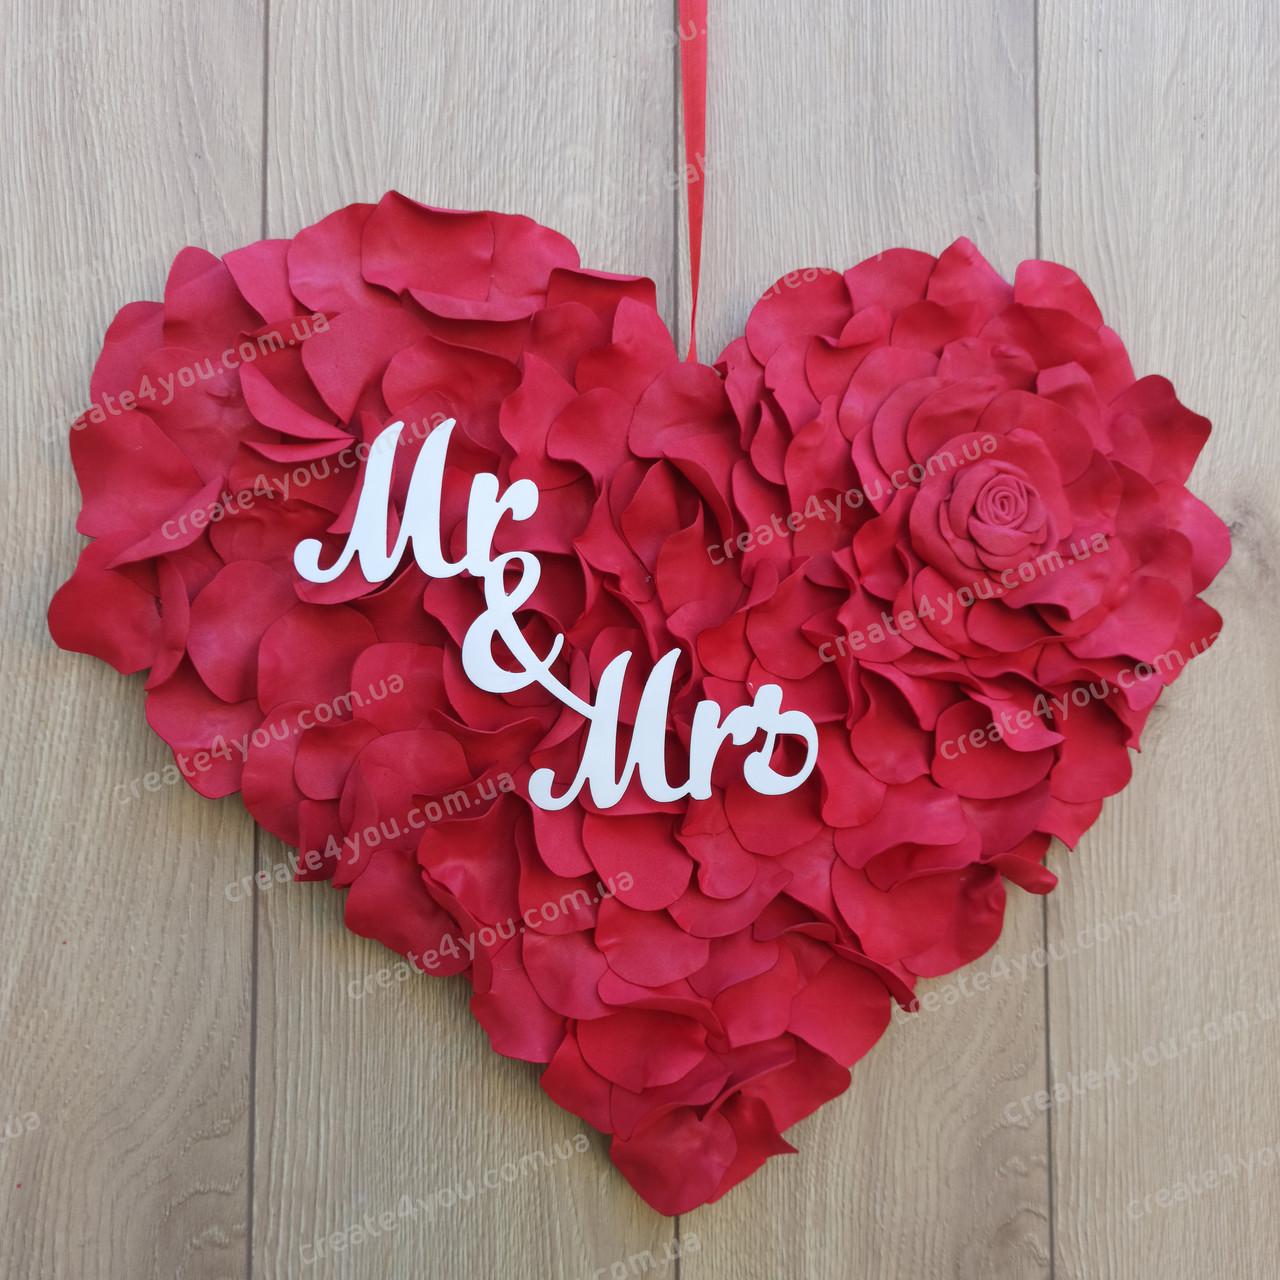 Червонесерце з пелюсток троянди з написами Mr & MRS.